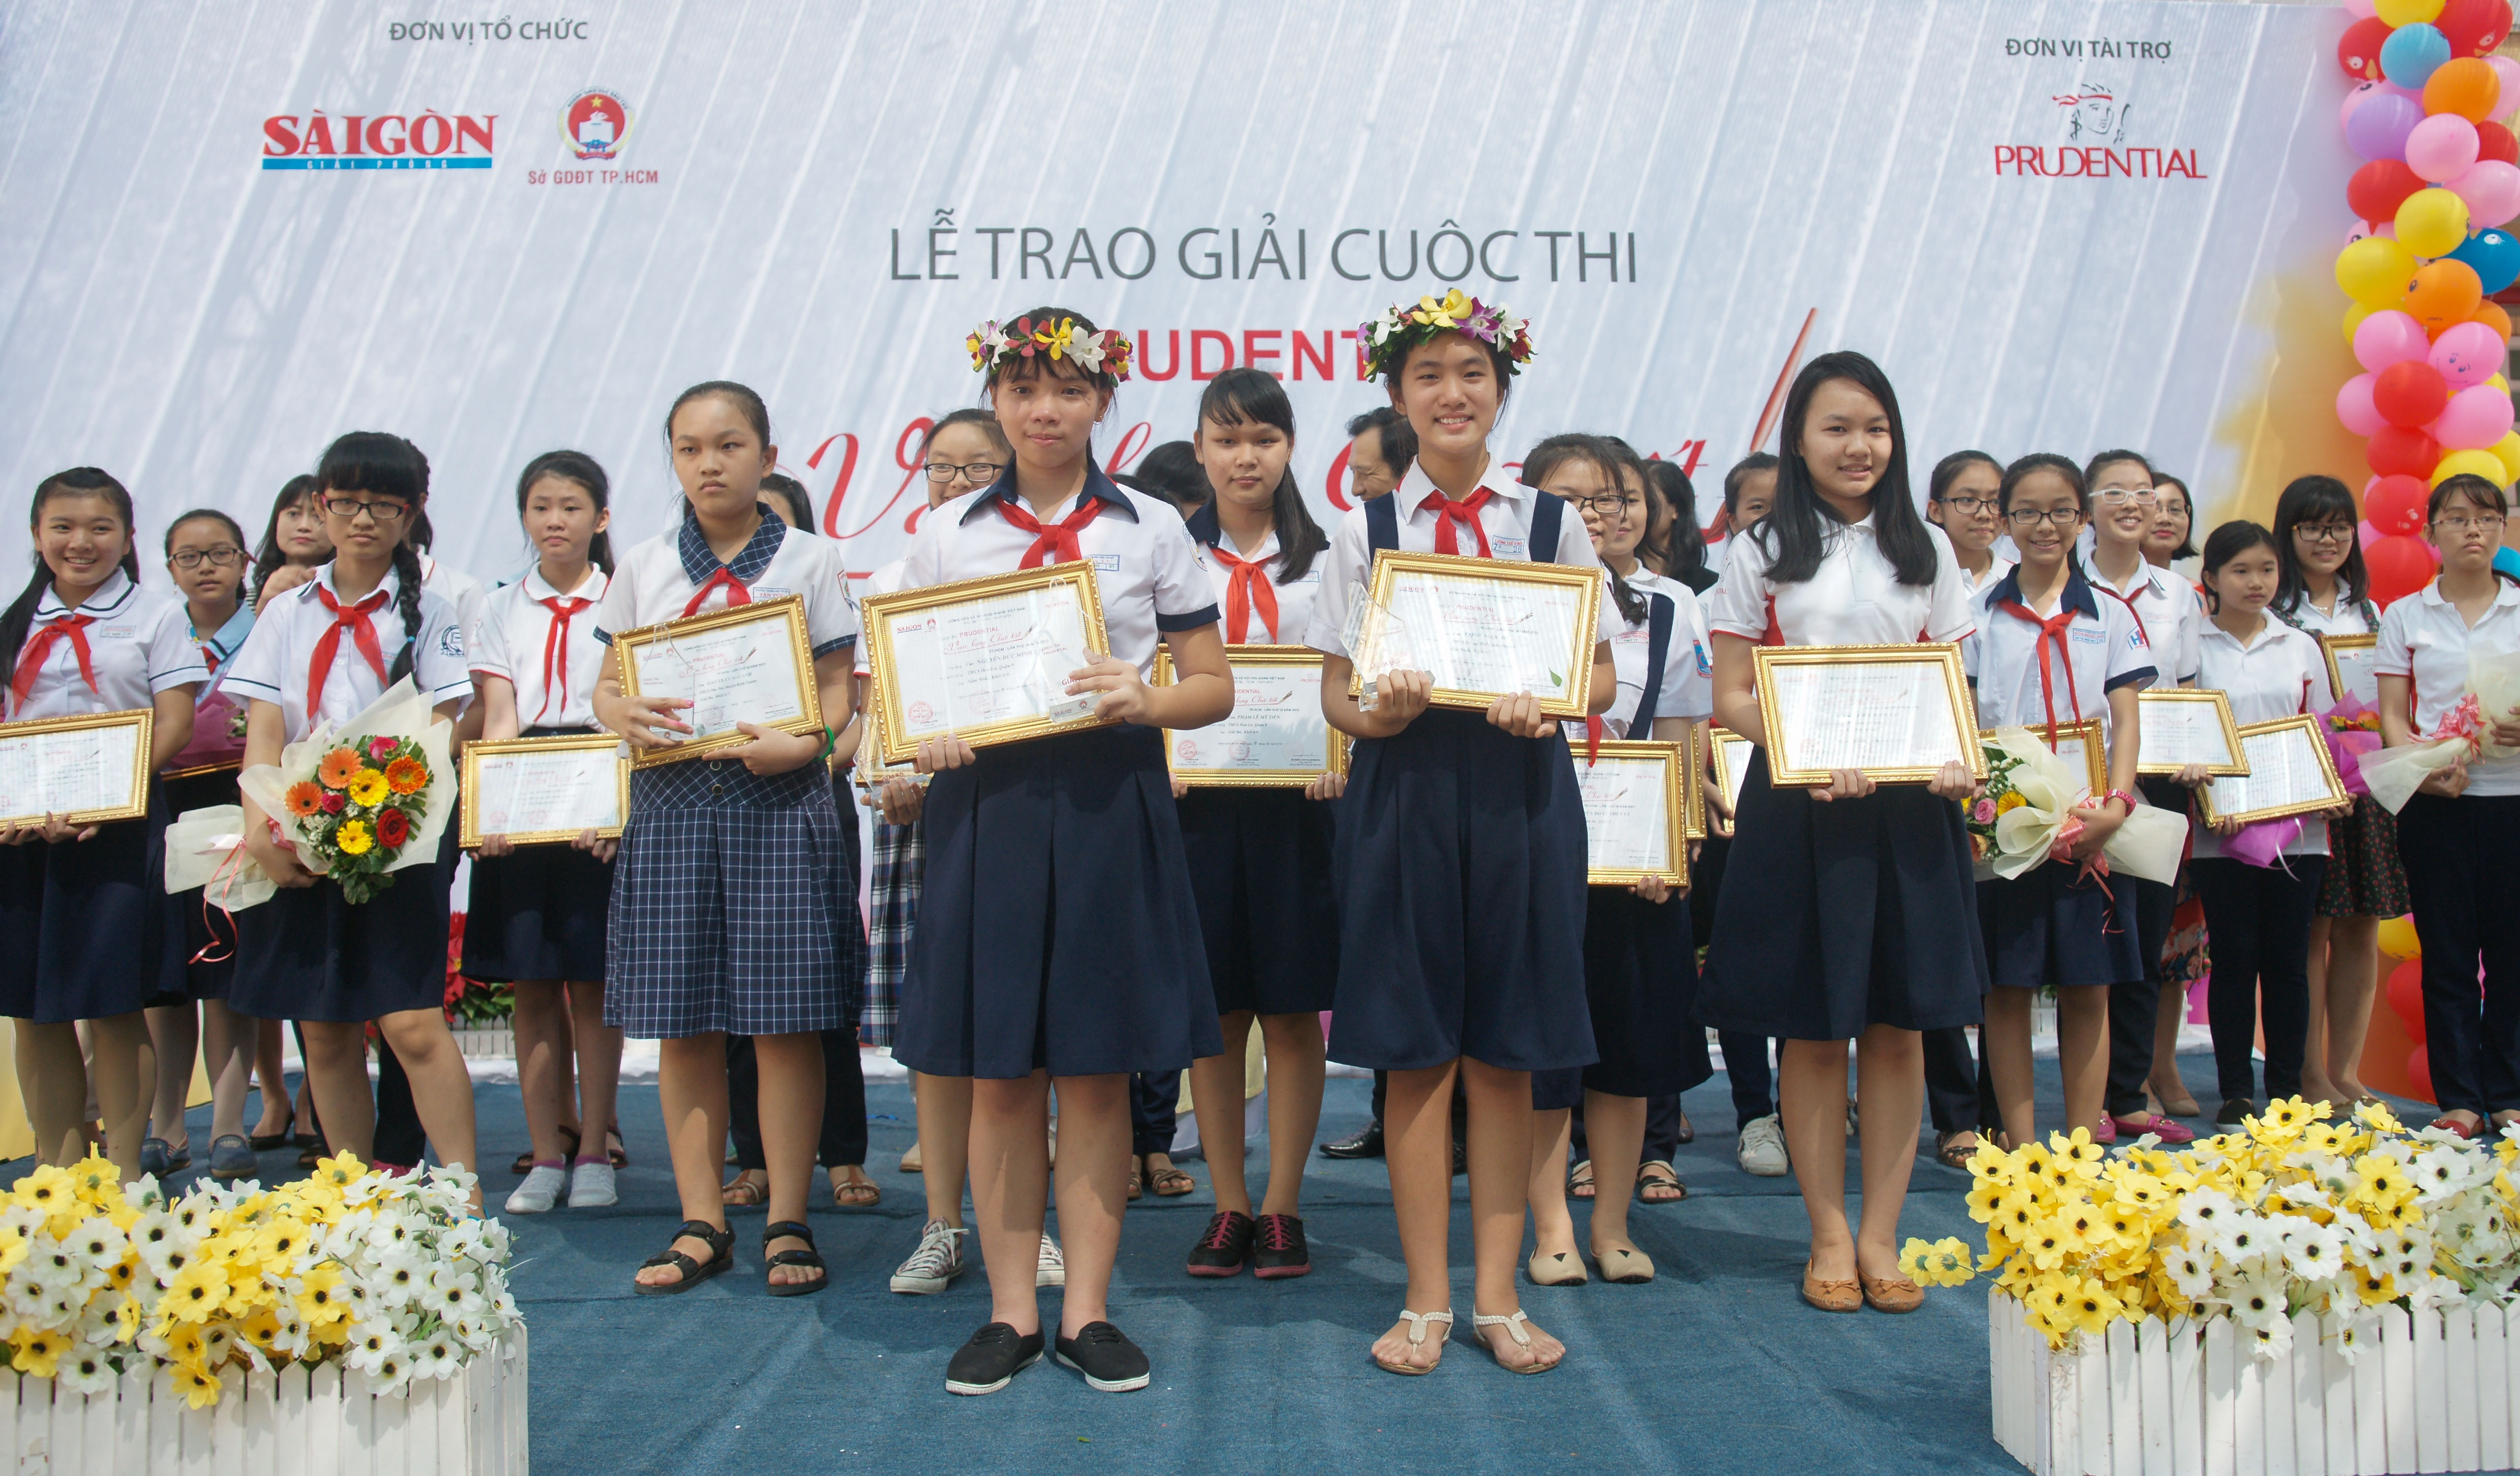 Các thí sinh đoạt giải cao của Cuộc thi Prudential Văn hay chữ tốt lần thứ 16.